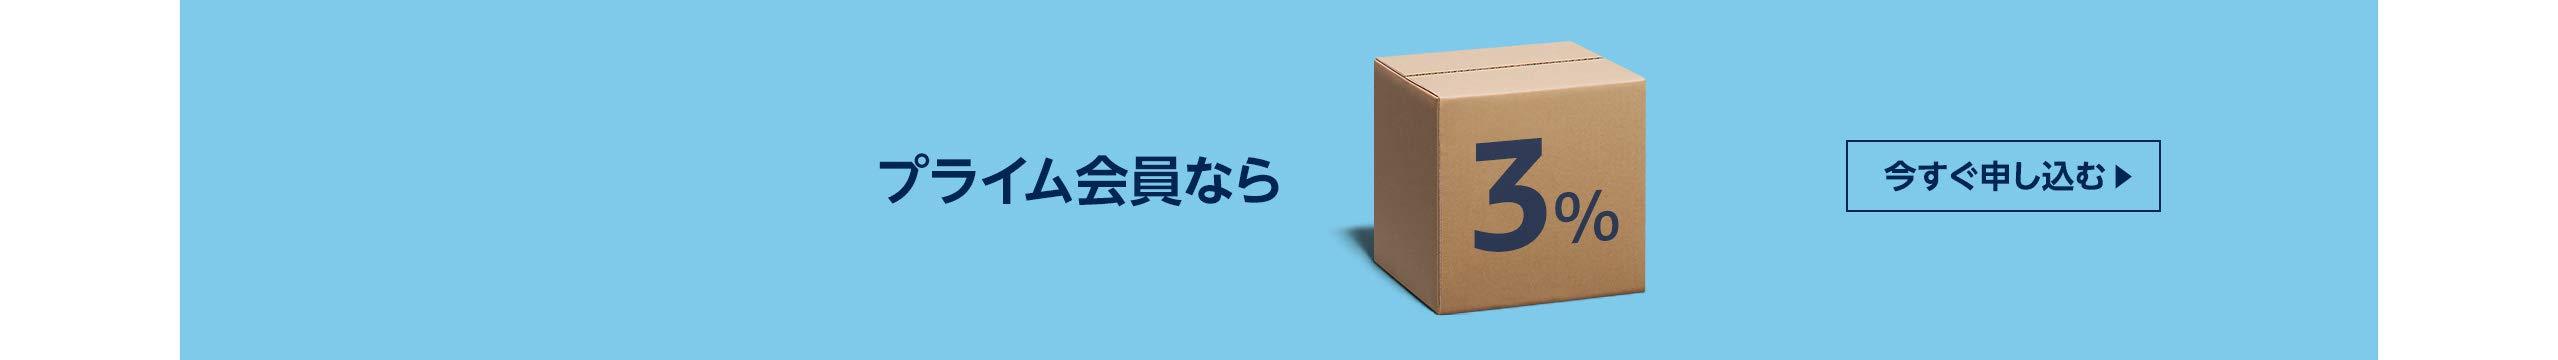 プライム 消費 税 会費 アマゾン